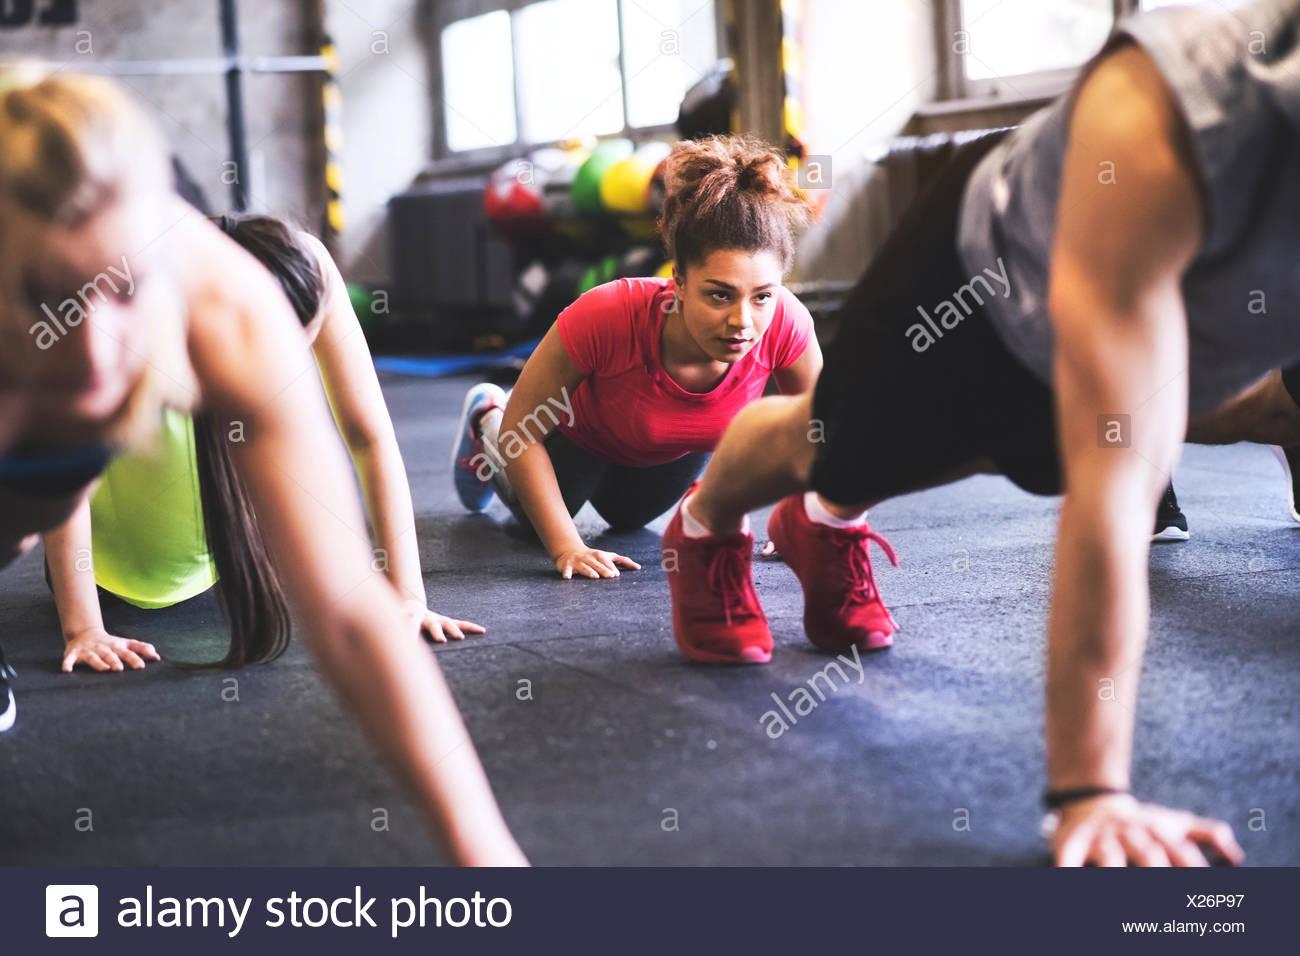 Grupo de jóvenes haciendo ejercicio en el gimnasio Imagen De Stock